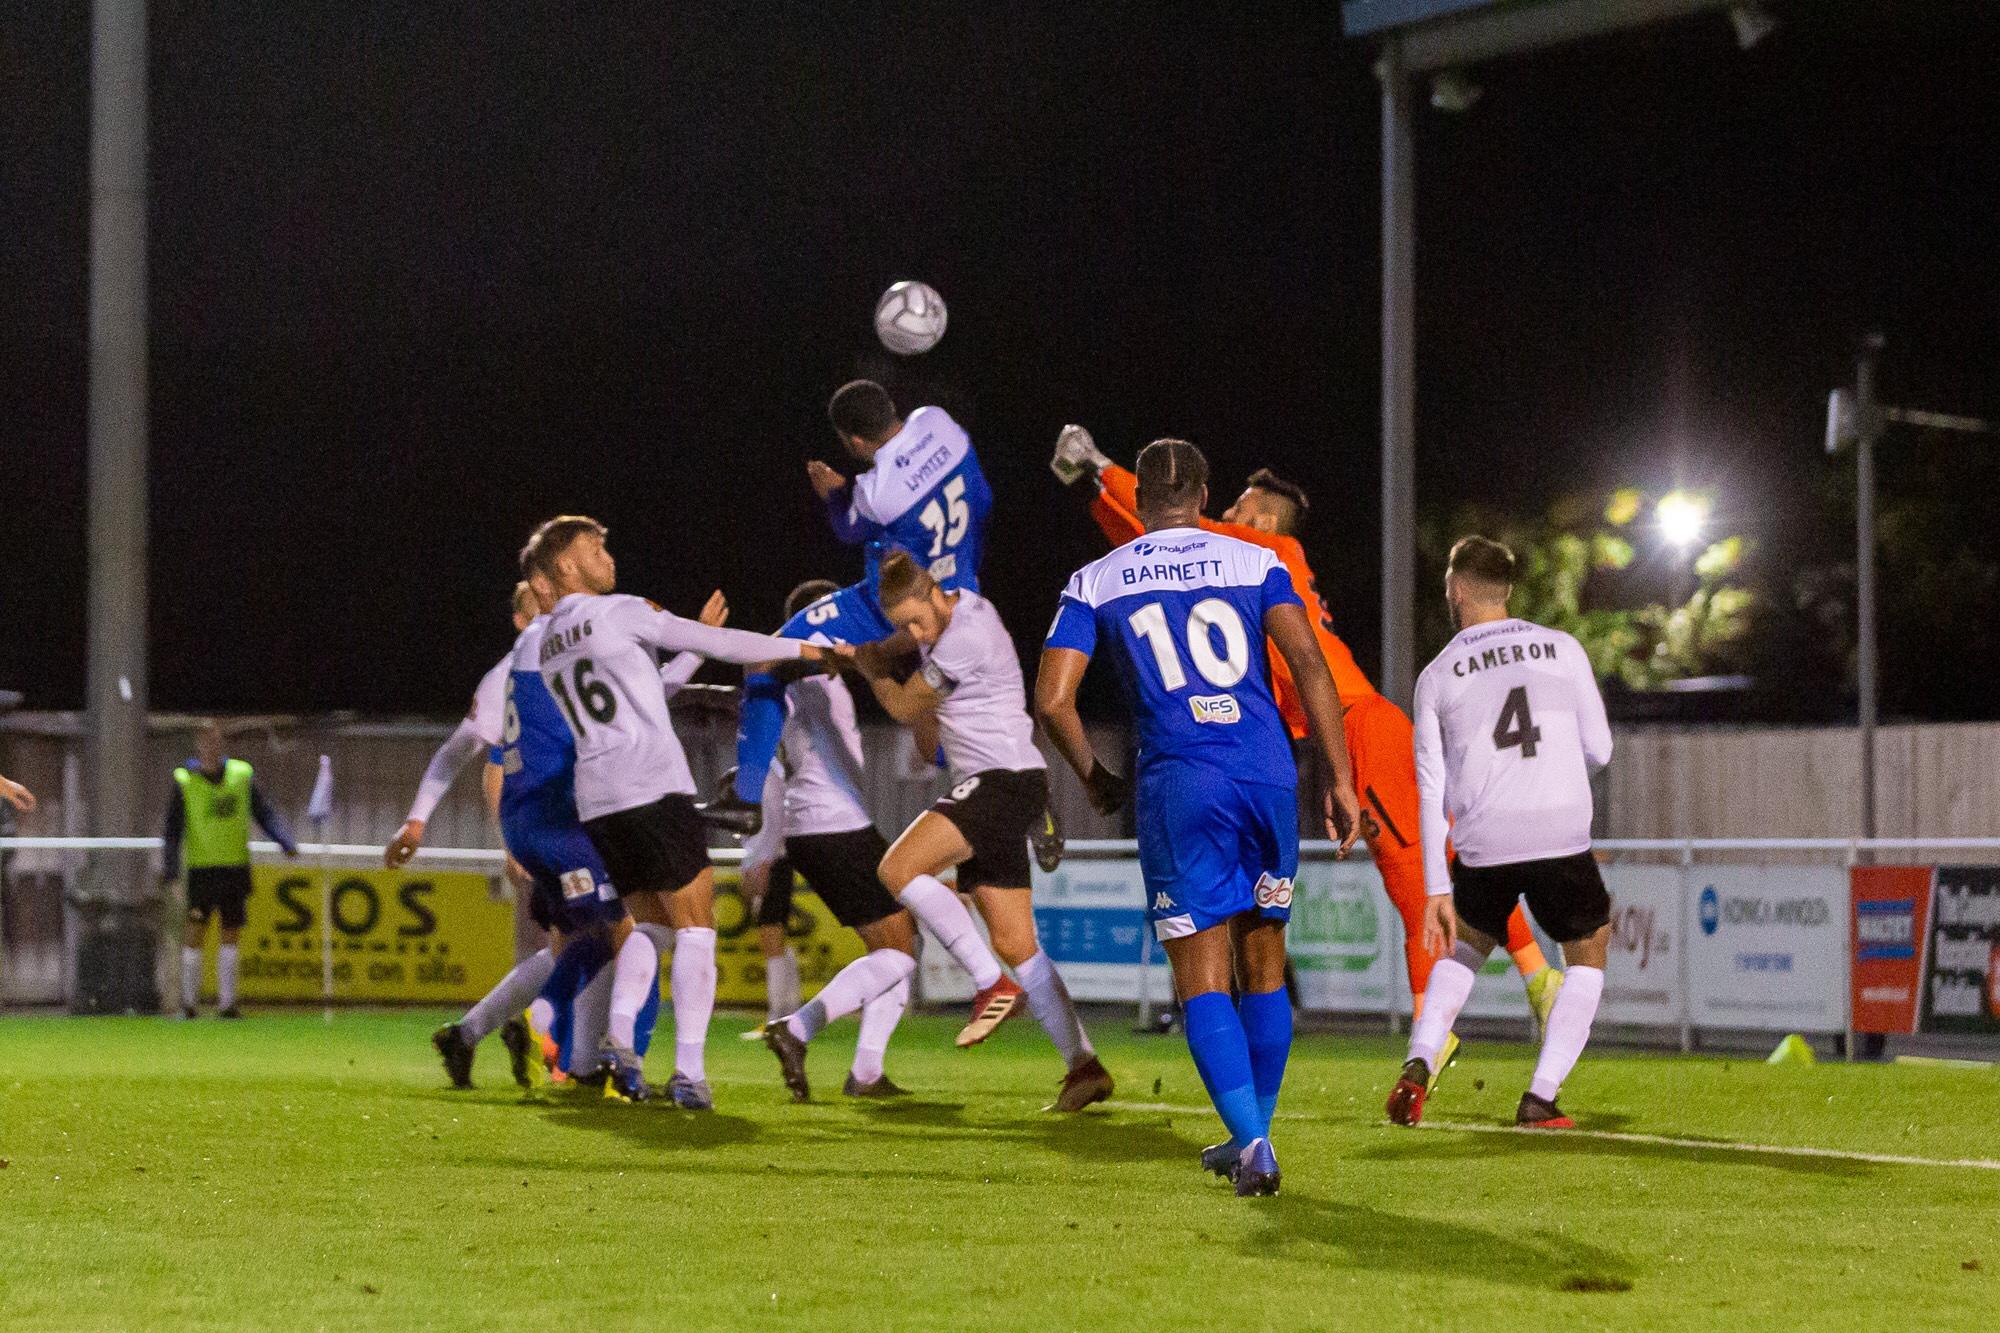 Eastleigh 2-1 TUFC